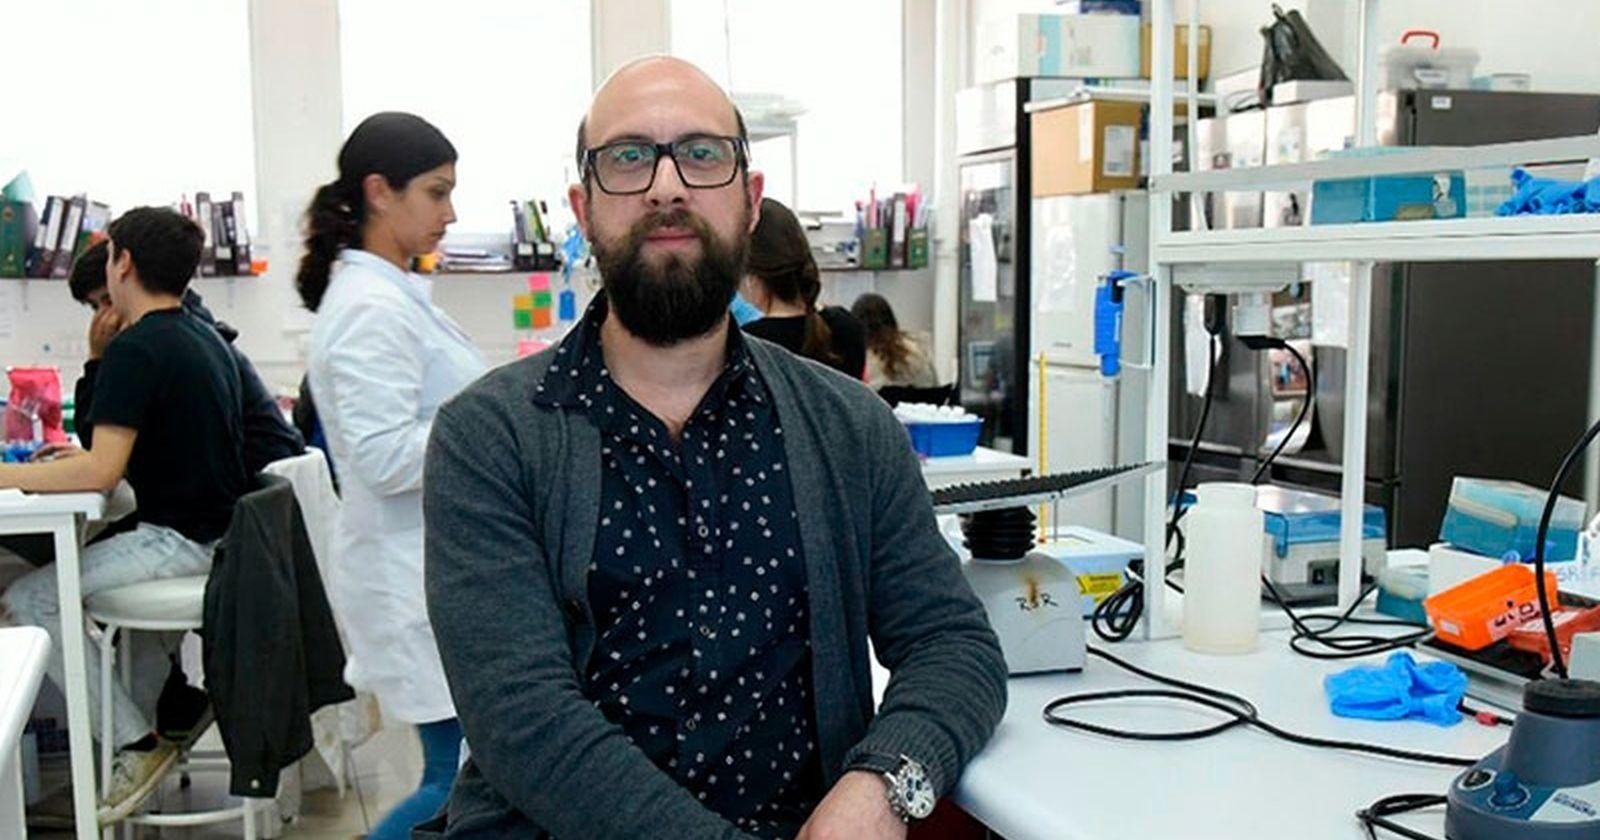 Científicos chilenos usan proteína lumínica de luciérnagas para cuantificar anticuerpos del COVID-19